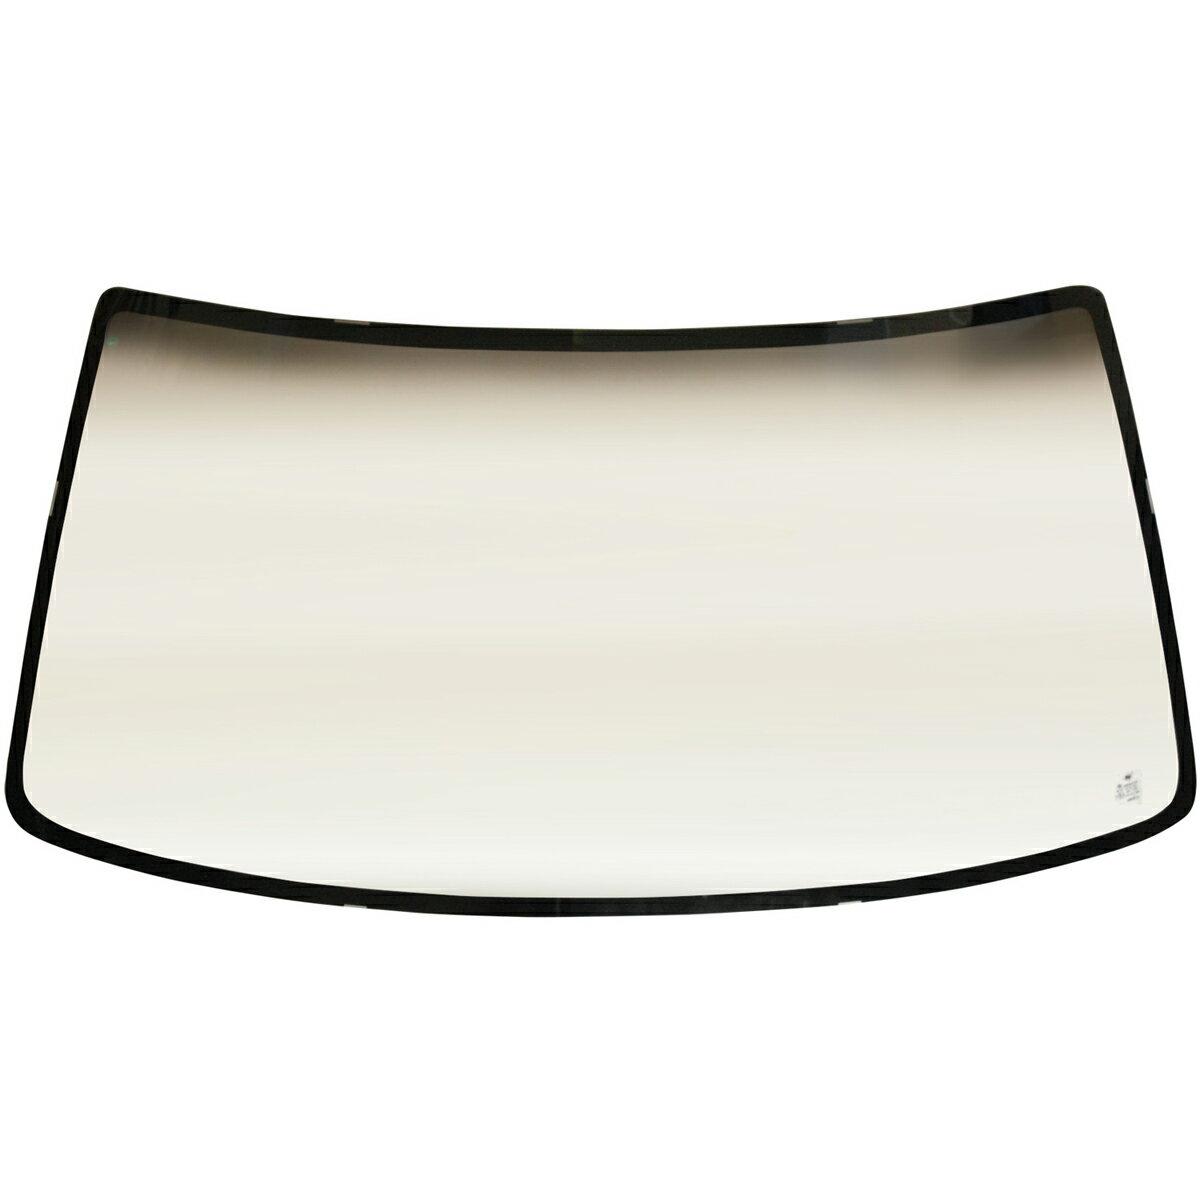 日産 フェアレディZ 2D CP用フロントガラス 車両型式:Z31系 年式:S.58.9-H.1.7 ガラス型式:Z31 ガラス色:ブラウン ボカシ:ブラウン